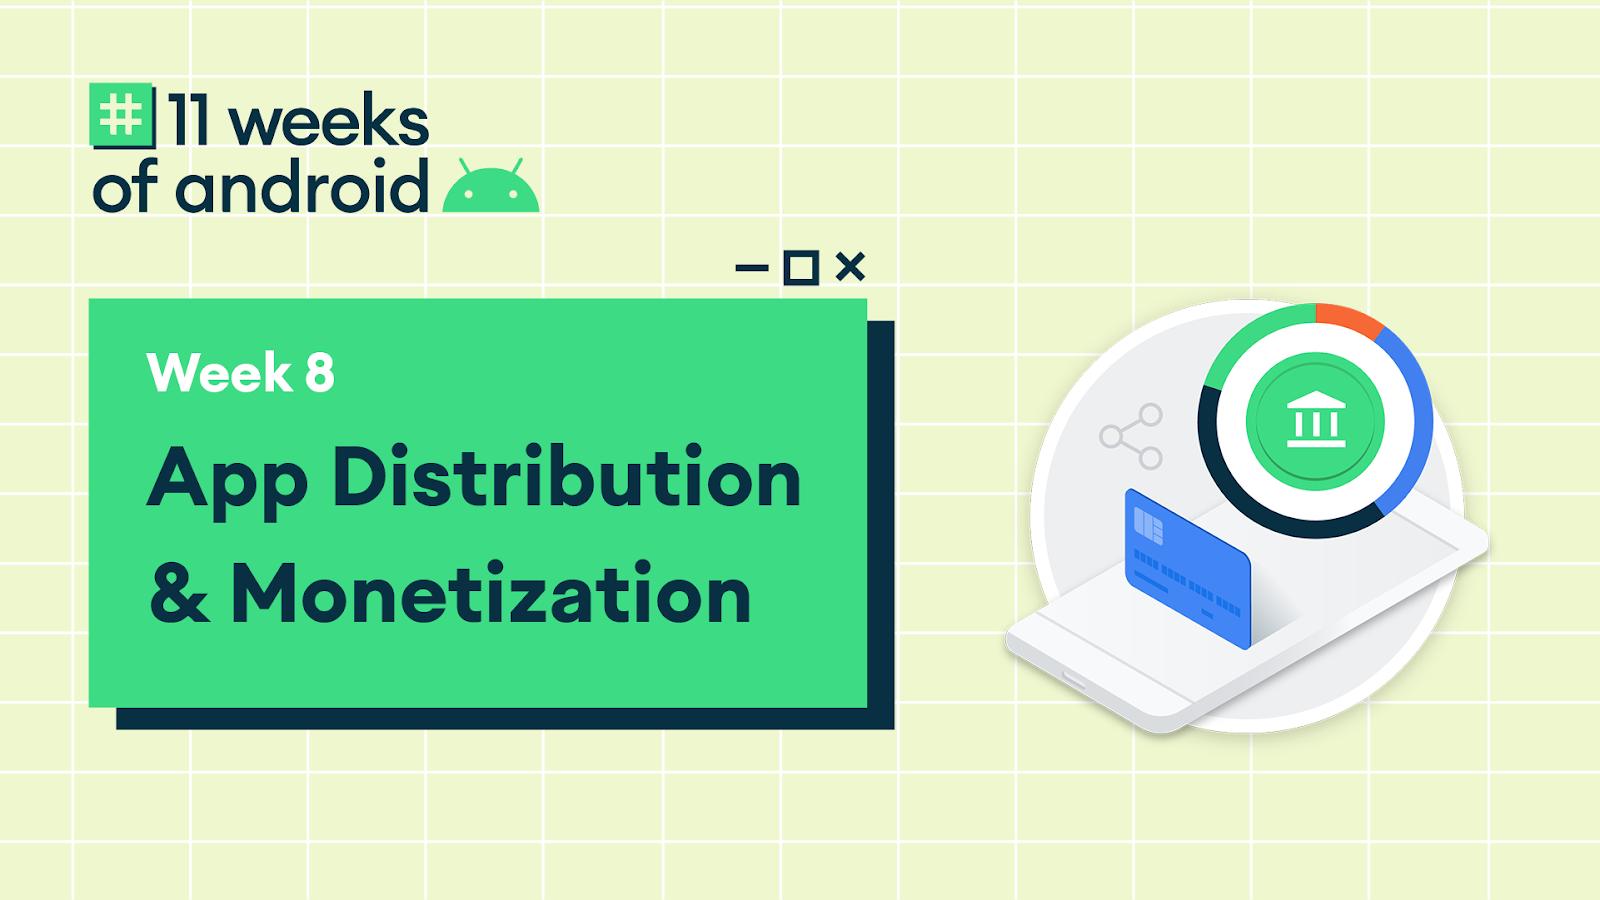 11 Weeks of Android Minggu ke-8 Distribusi Aplikasi & Monetisasi